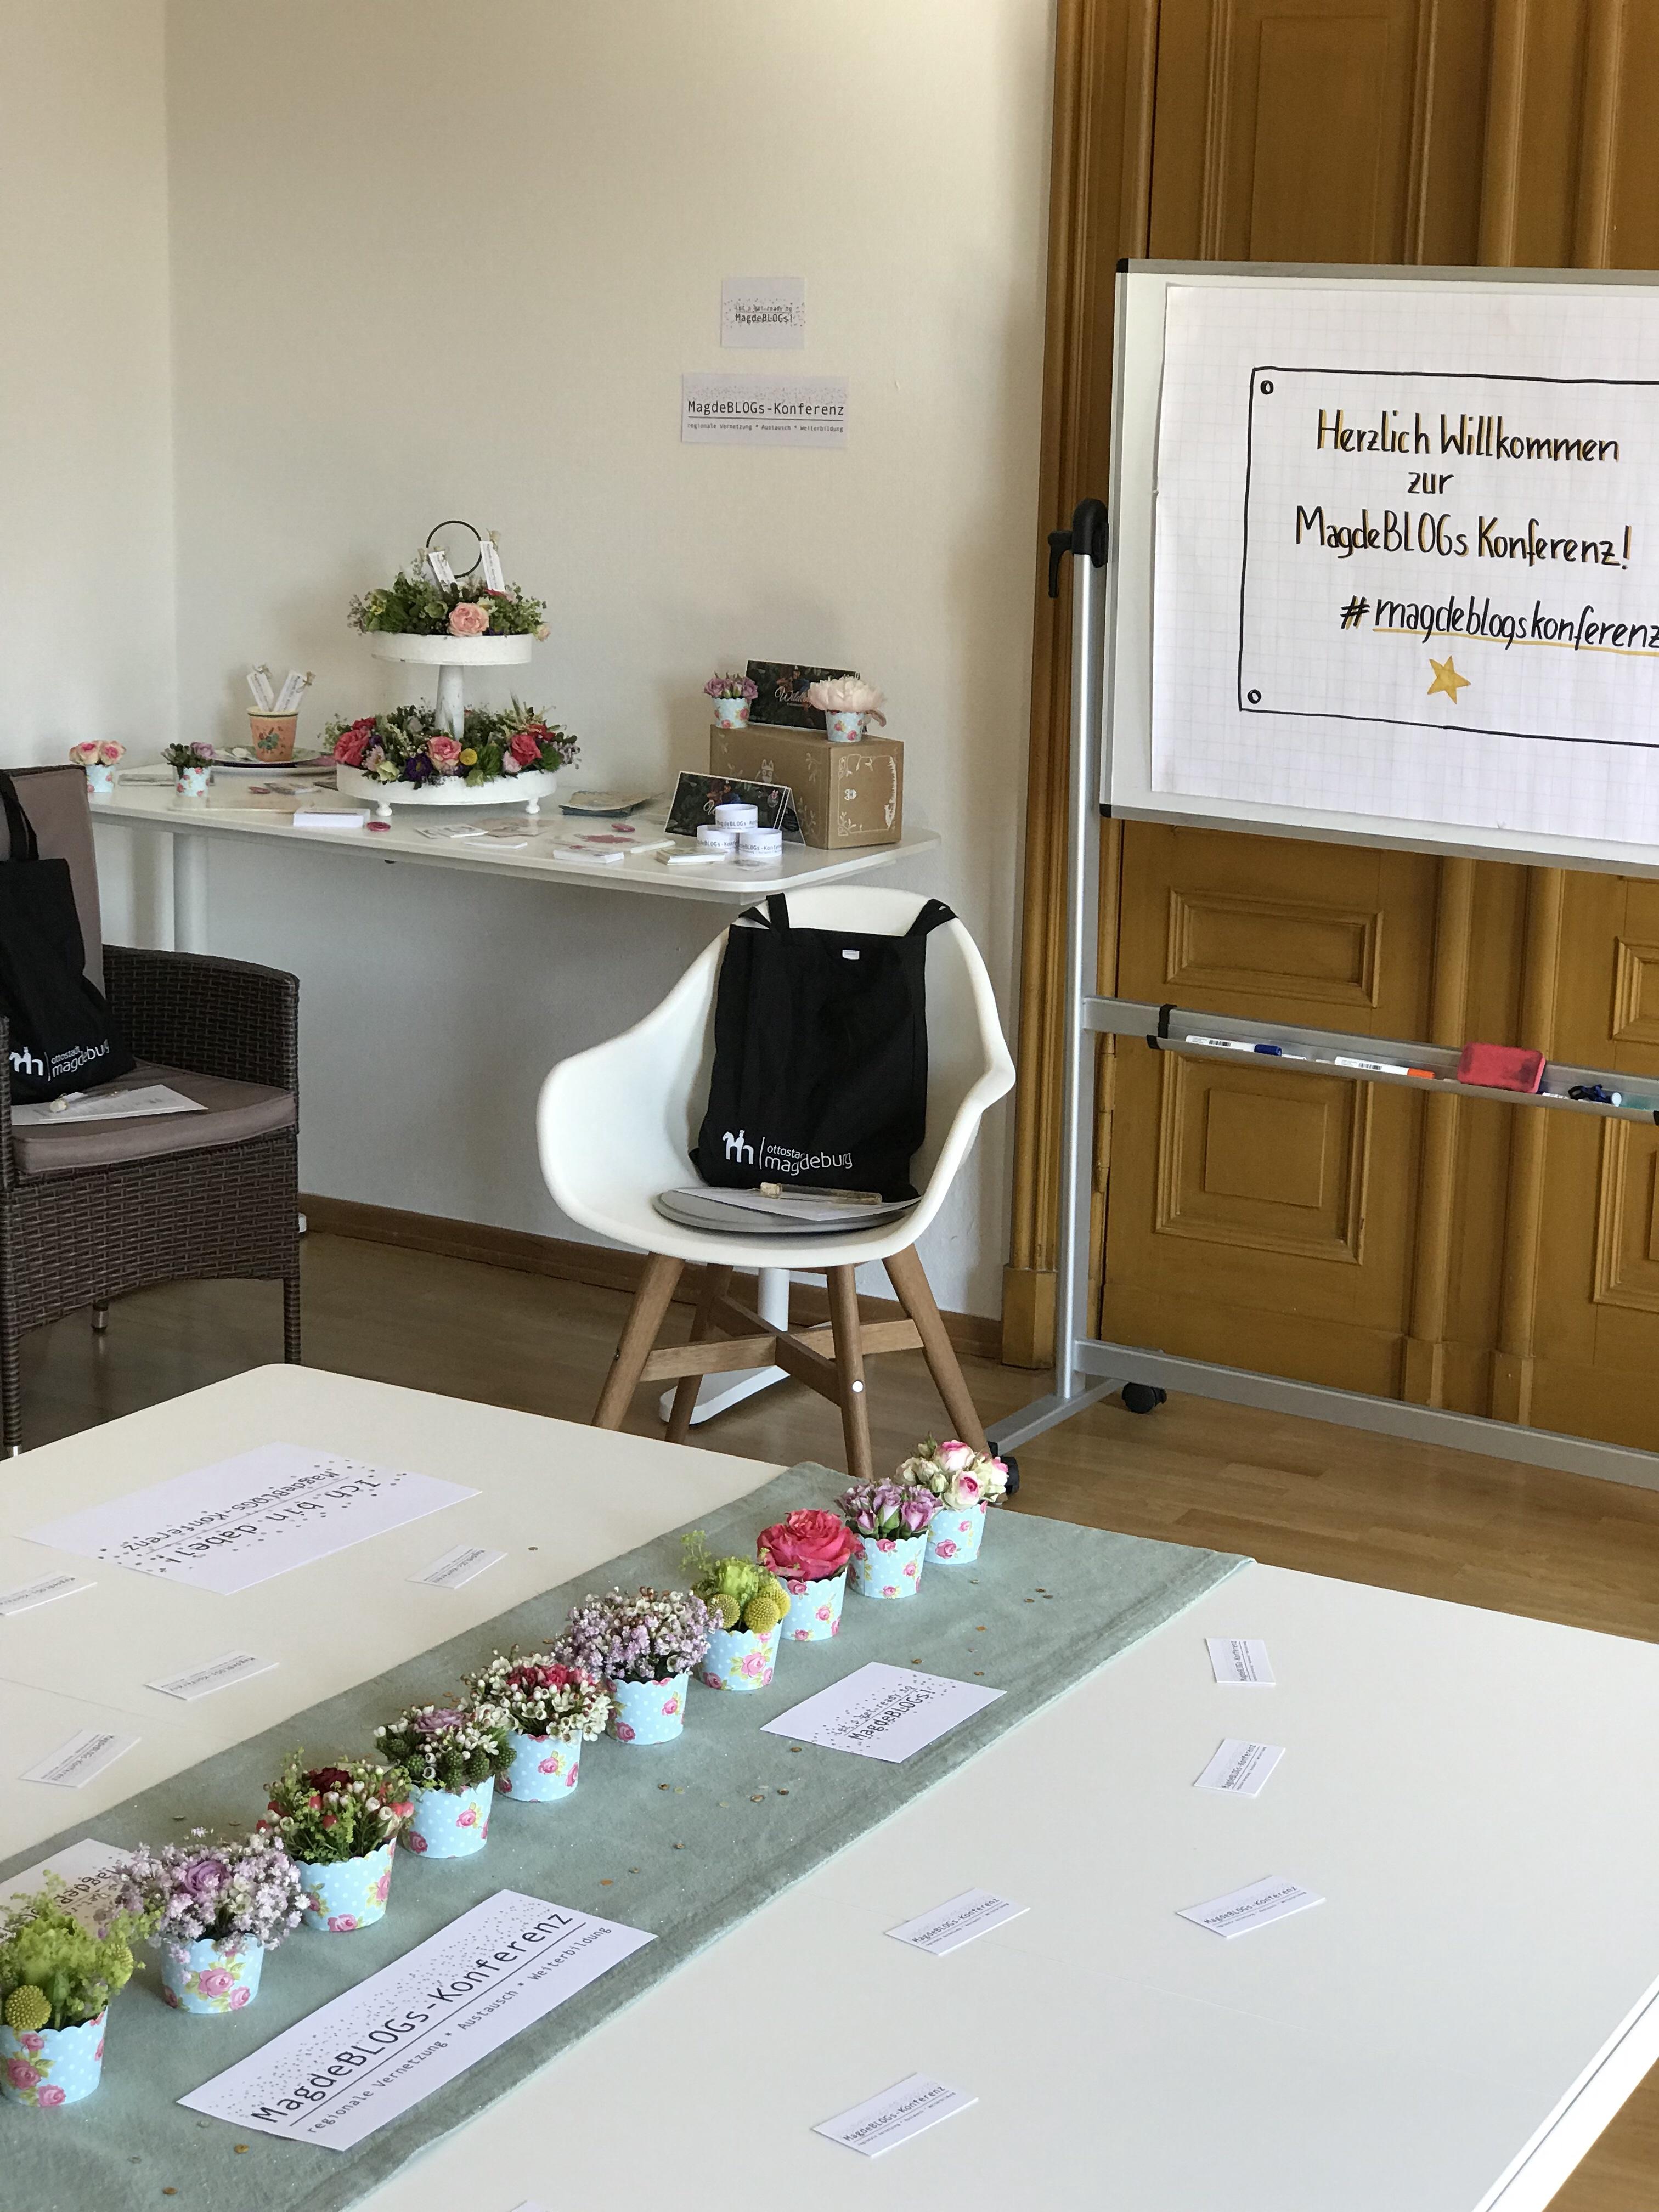 Seminarraum_Magdeburg_magdeblogs_konferenz_bloggen